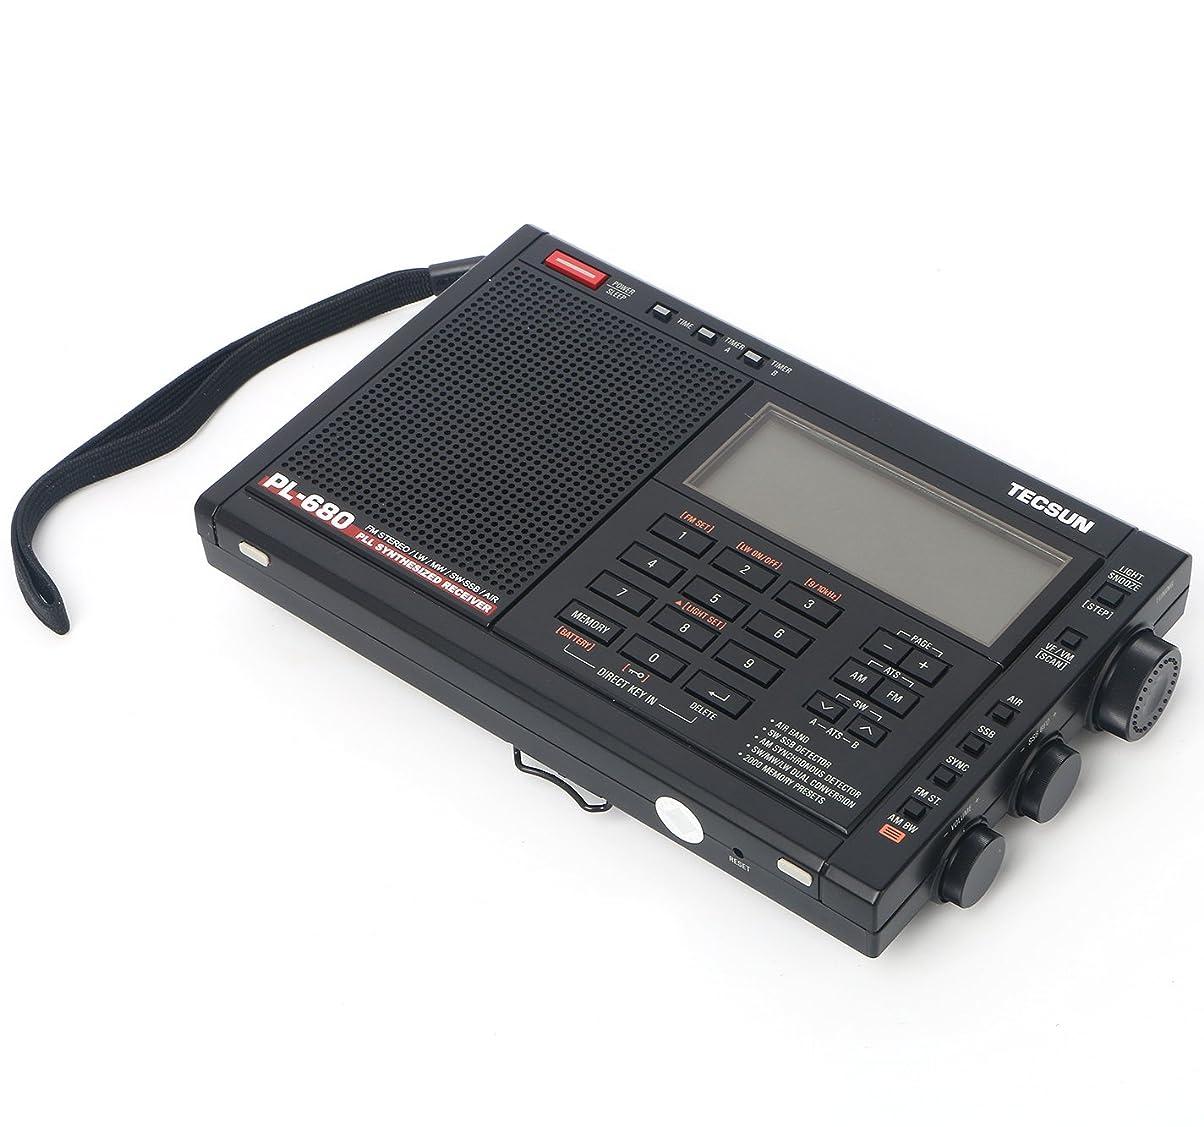 ペダル紫の船尾TECSUN PL-680 SSB?エアバンド?同期検波 ハイエンド短波ラジオ ポータブルBCL受信機 FMステレオ/AIR/LW/MW/SW PLLシンセサイザー ワールドバンドレシーバー 2000局プリセットメモリー デュアルコンバージョン ATSオートプリセット スリープタイマー アラーム (ブラック)